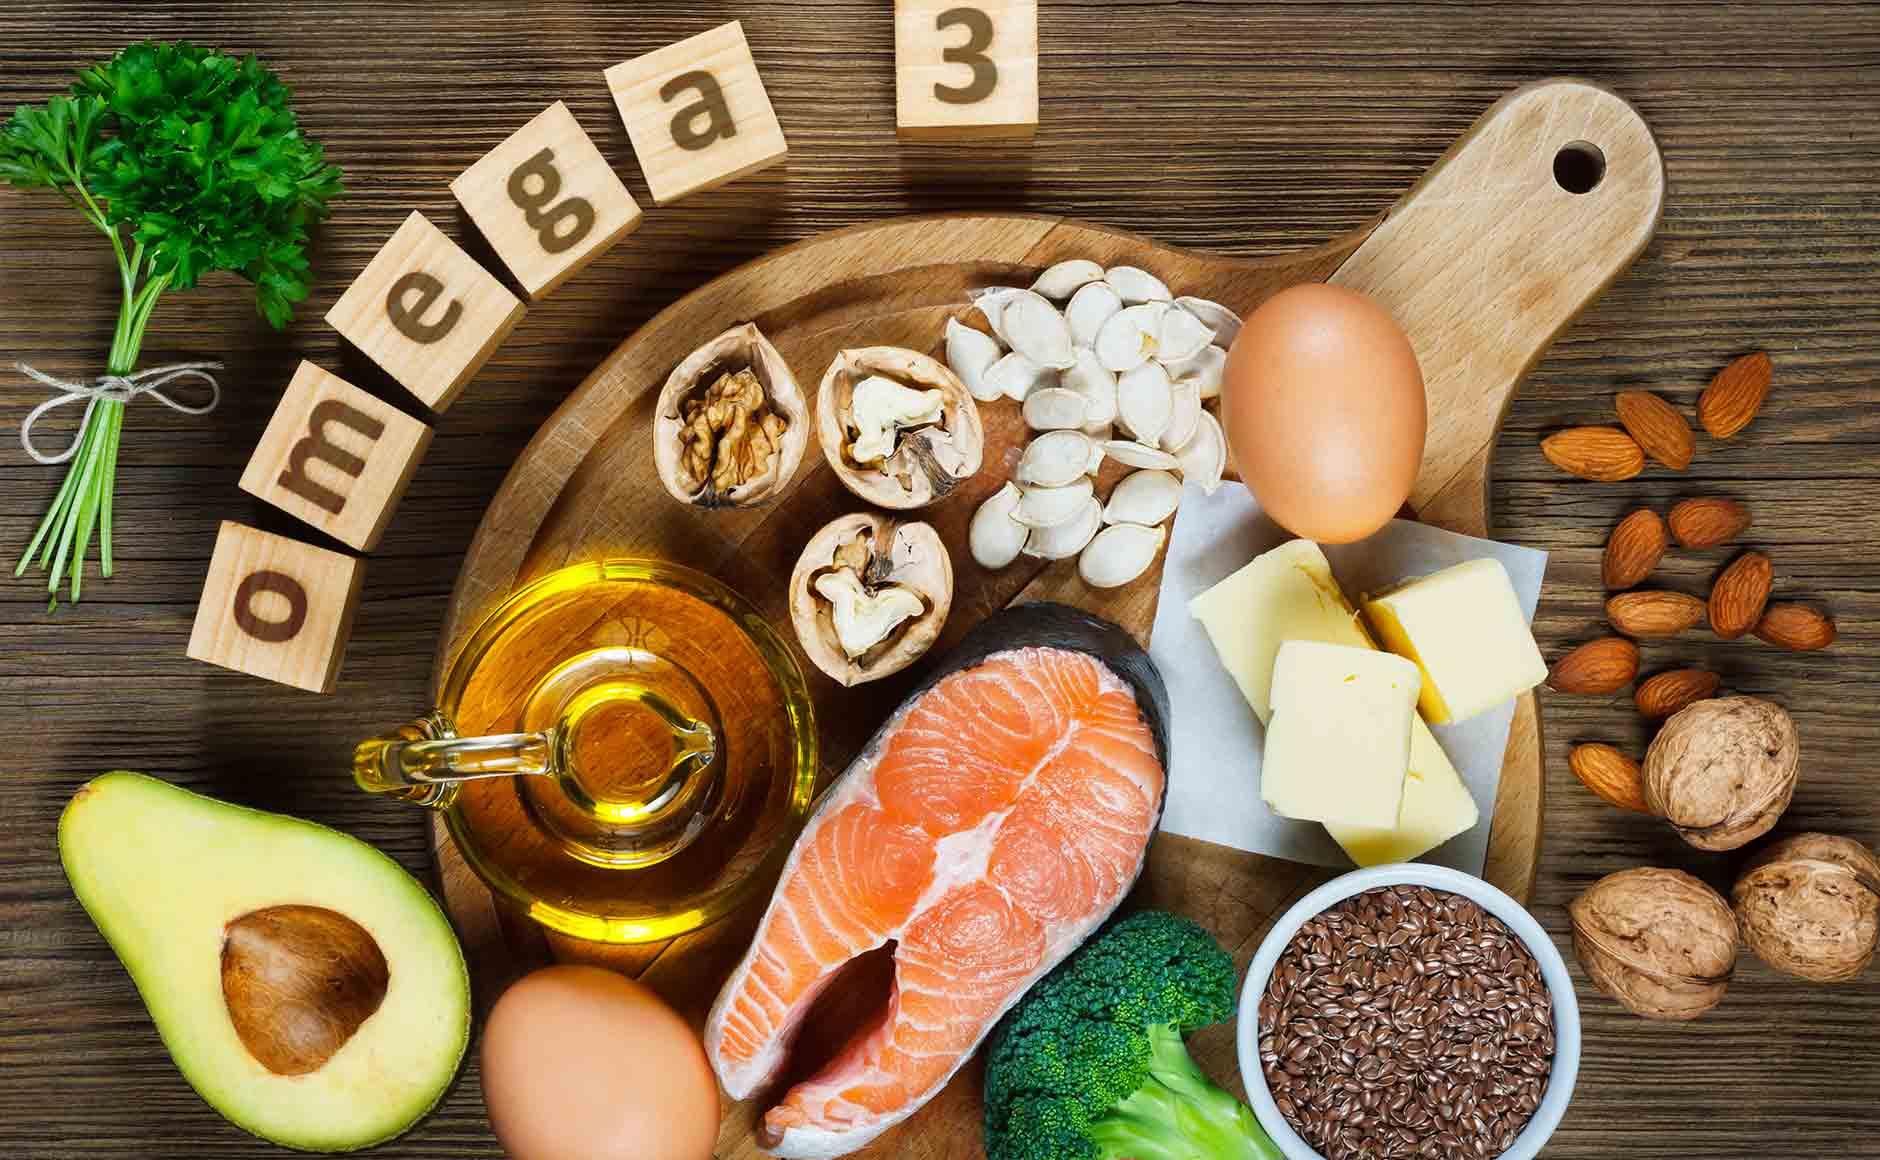 Советы по здоровому питанию от Майкла Поллана